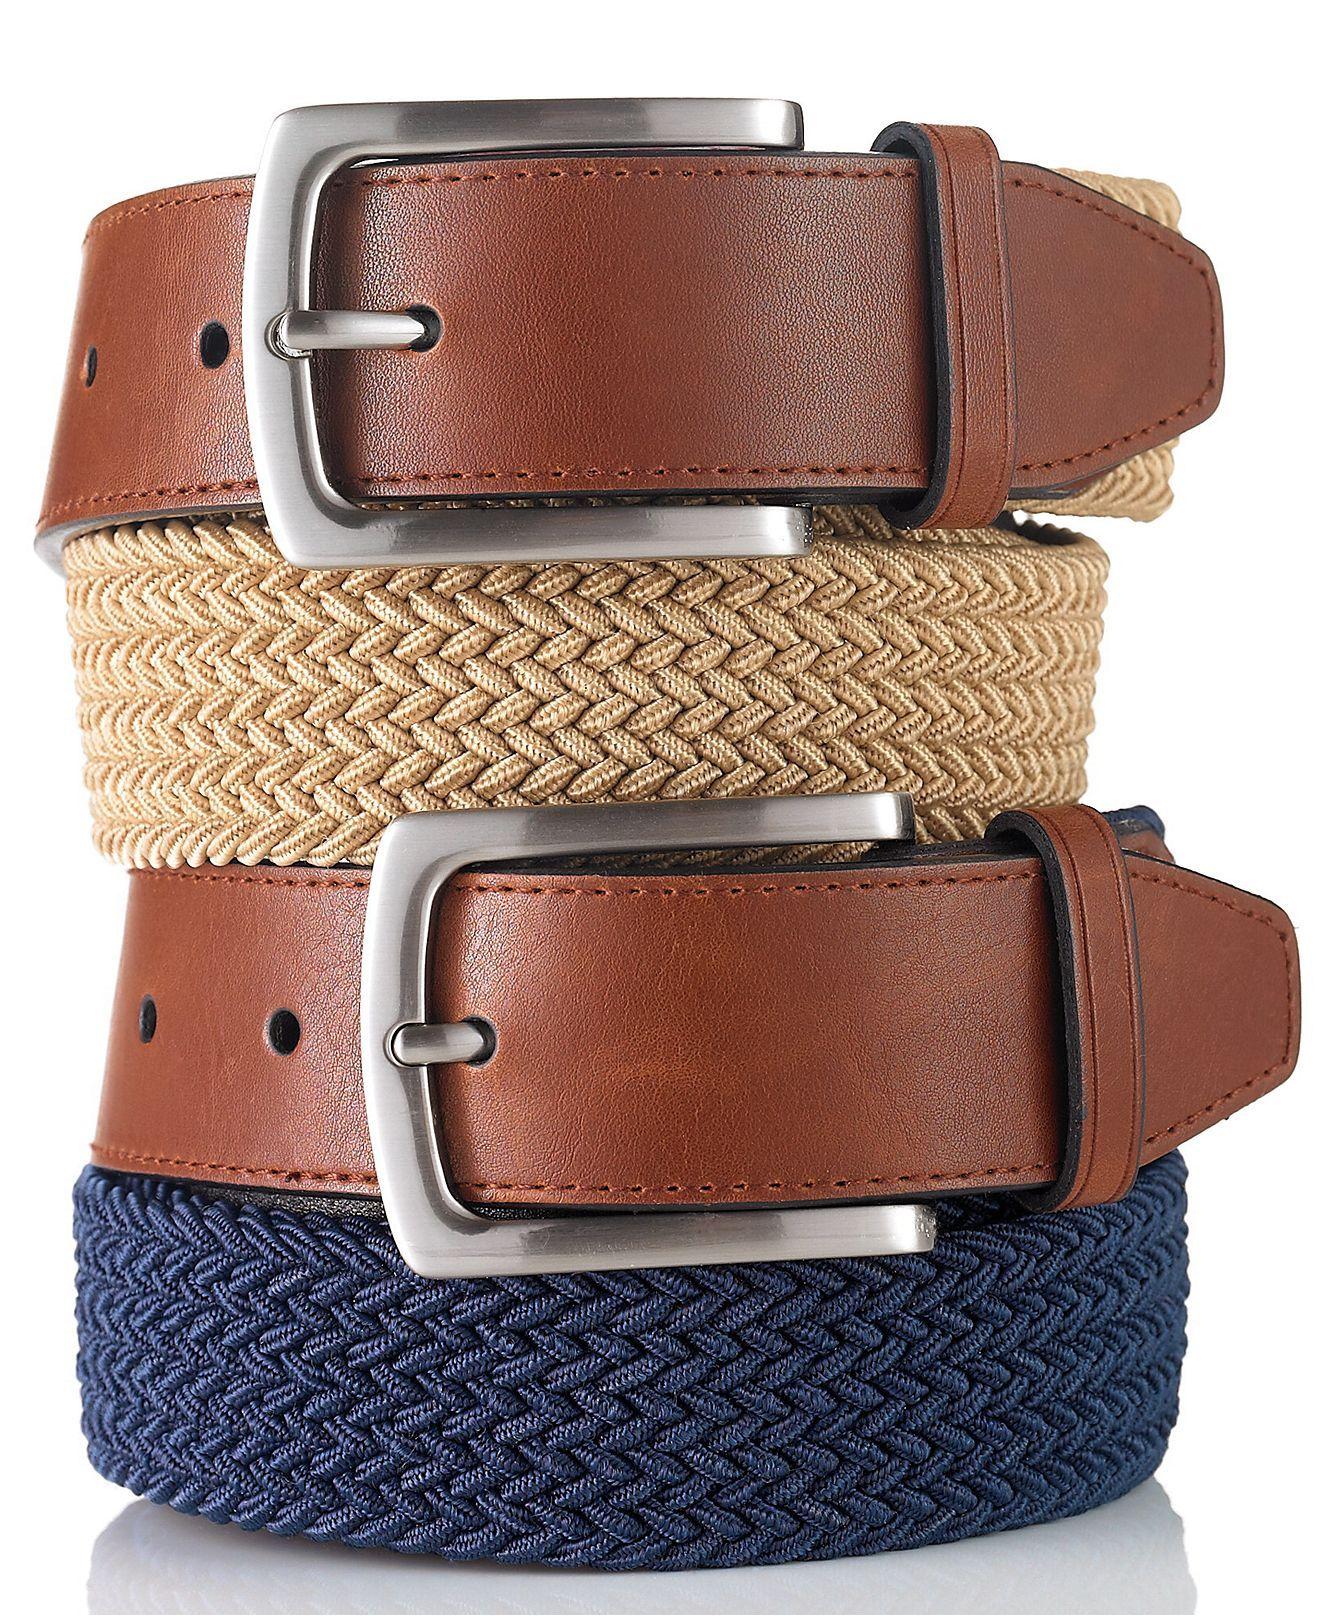 Club Room Braided Casual Belt - Belts & Suspenders - Men - Macy's